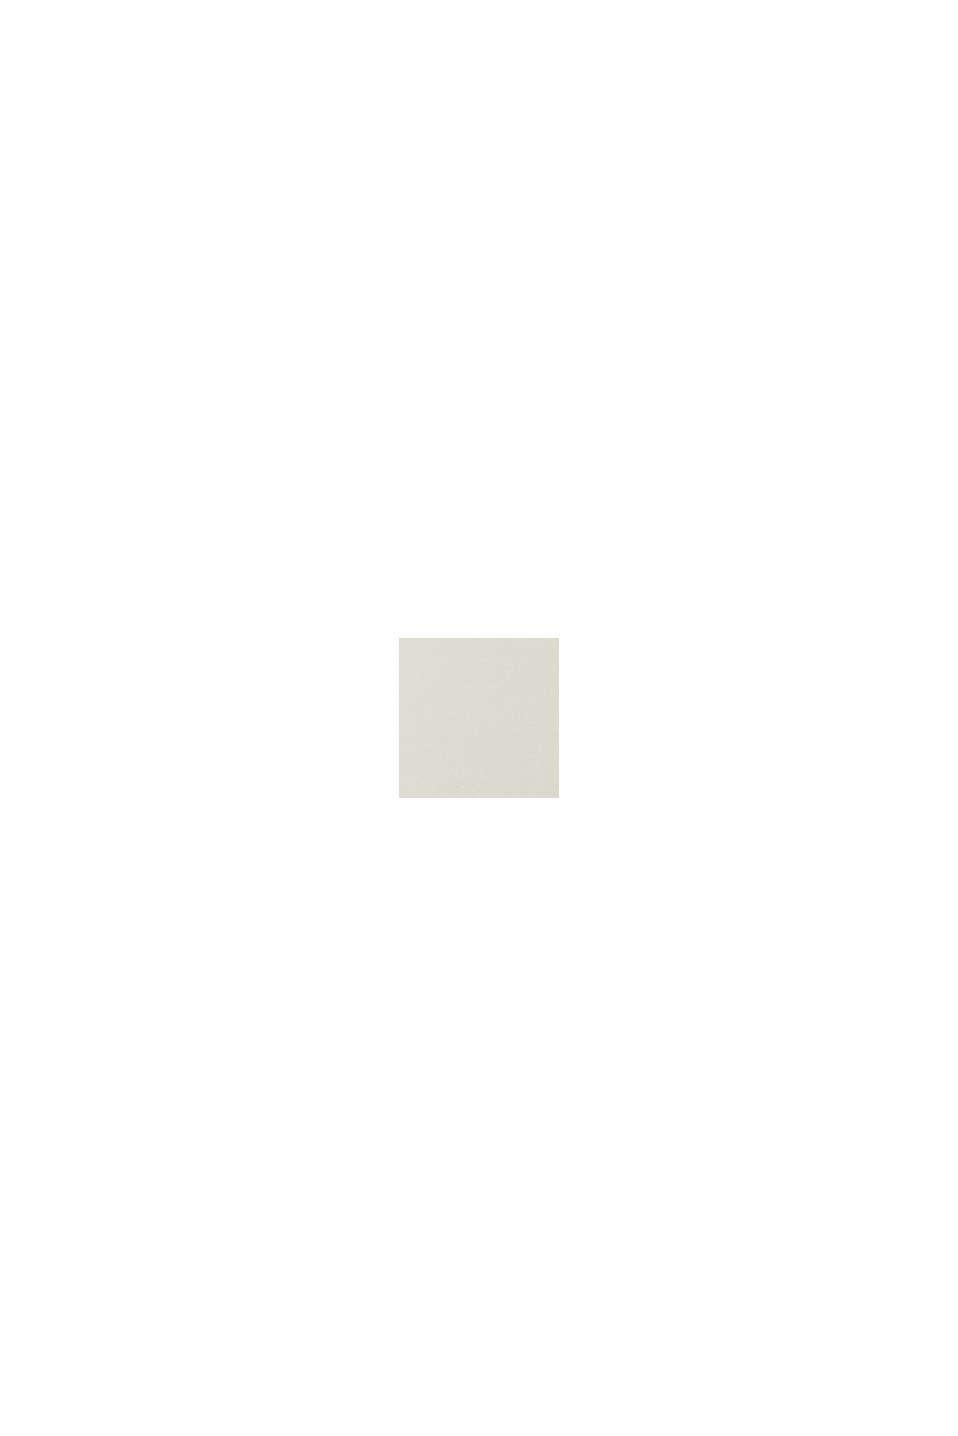 Ceinture en cuir / Ceinture confectionnée en cuir, WHITE, swatch